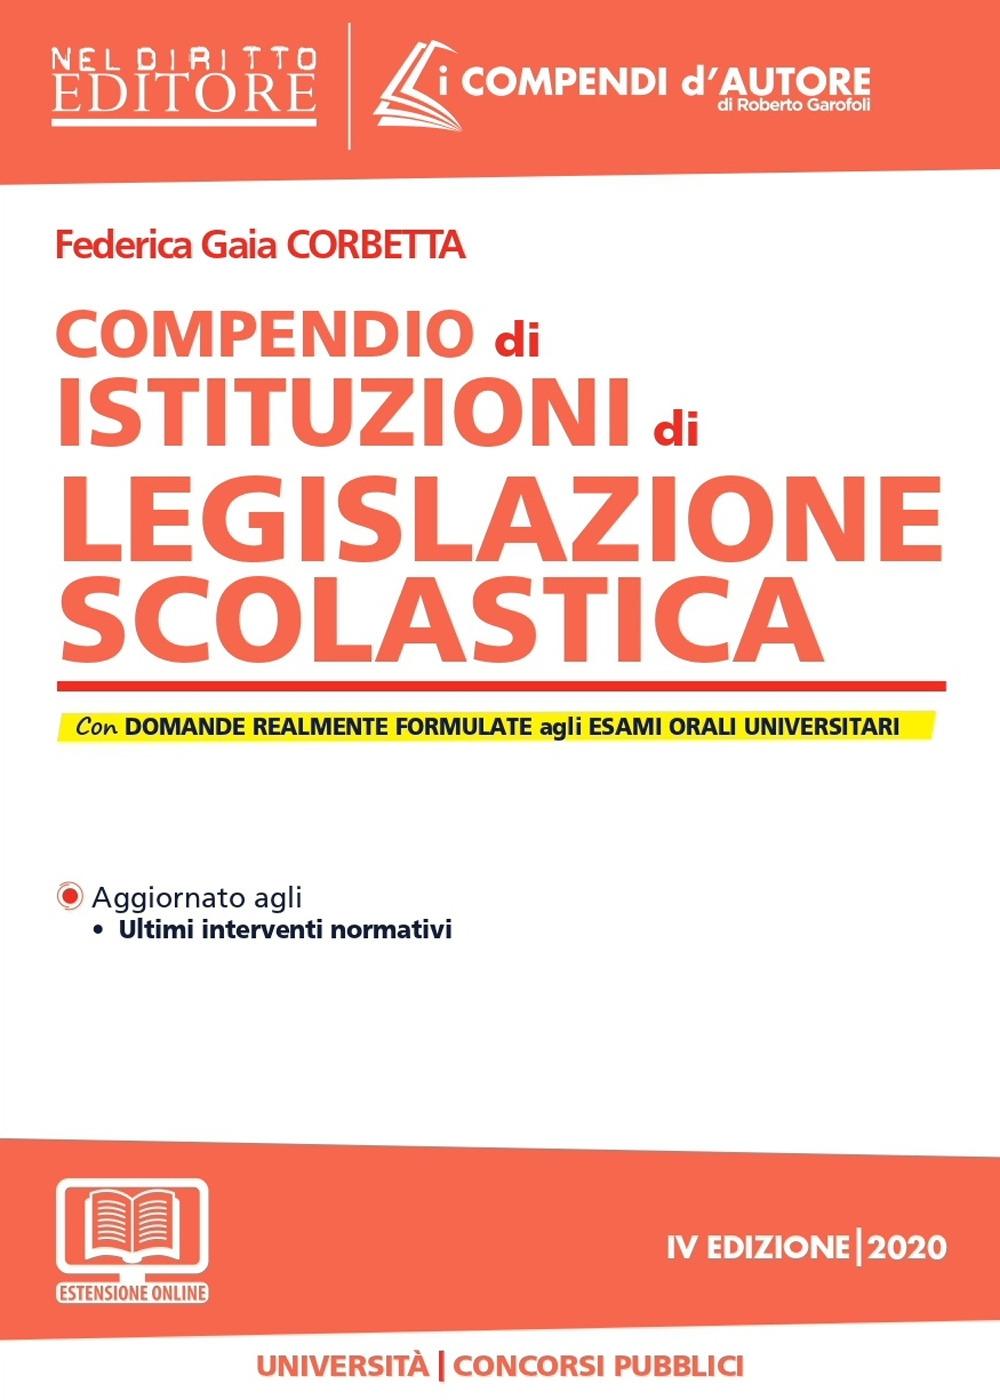 Compendio di istituzioni di legislazione scolastica